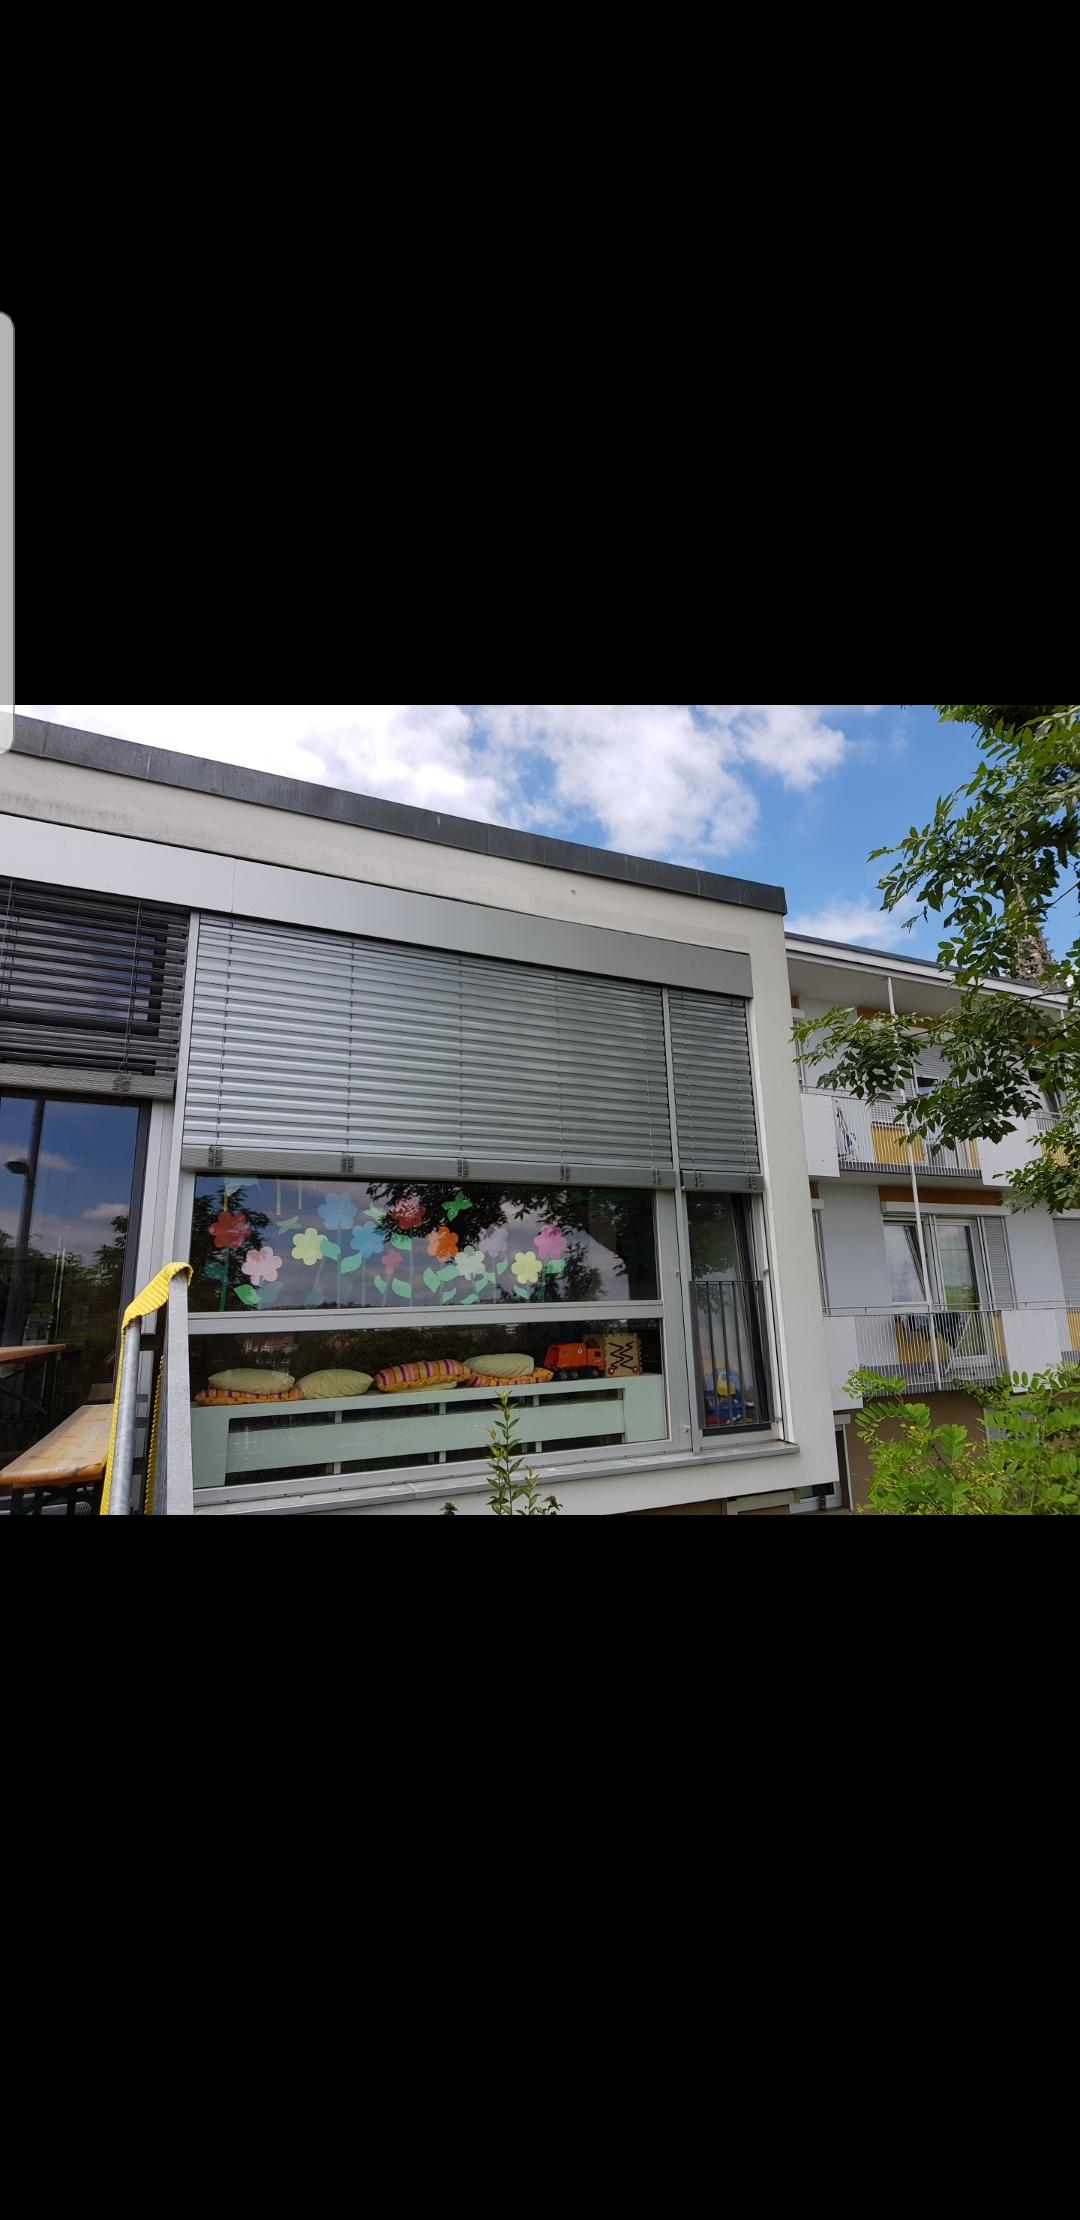 Mey-Rollladen & Sonnenschutz